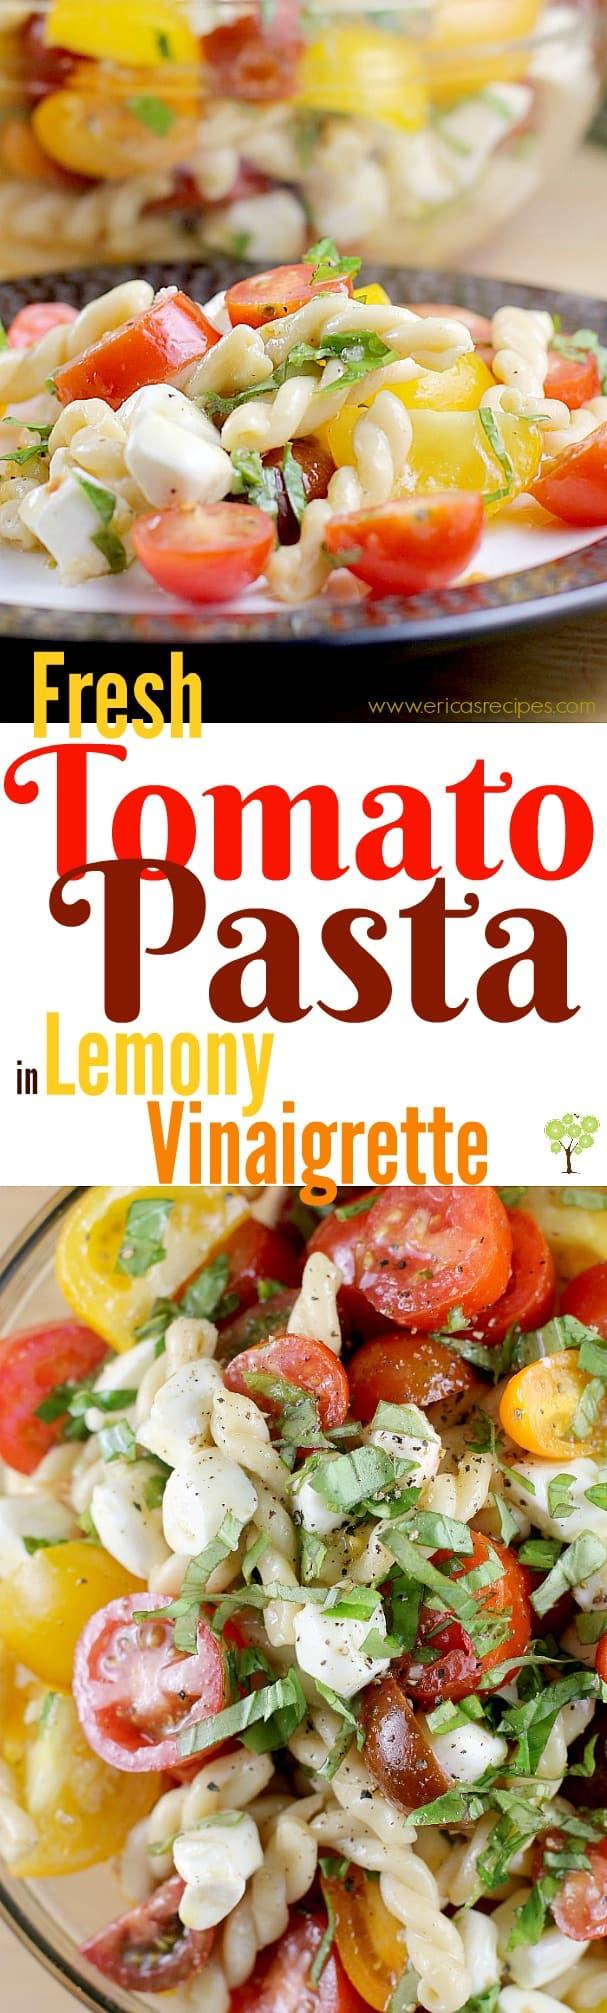 Fresh Tomato Pasta in Lemony Vinaigrette #ReadyPasta #ad @Barilla @Walmart